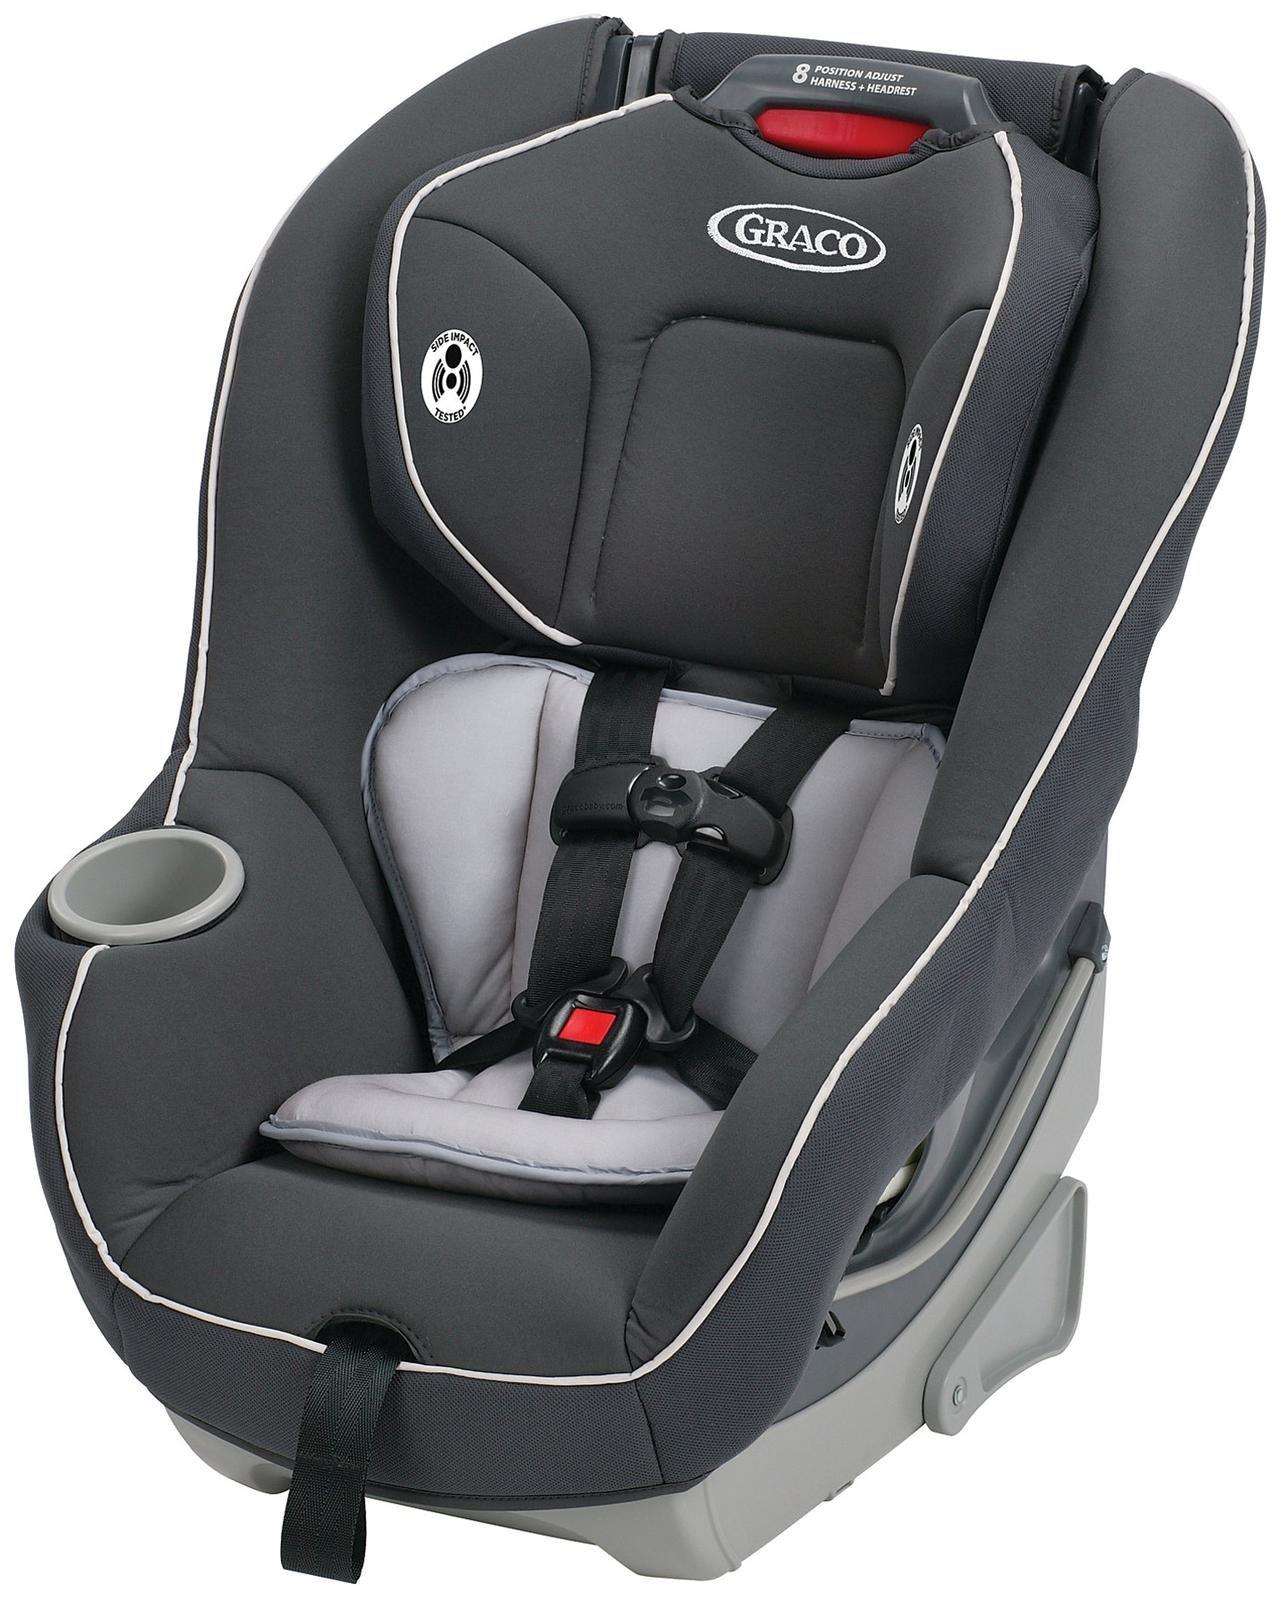 Graco Contender 65 Convertible Car Seat - Glacier - 1 ct.